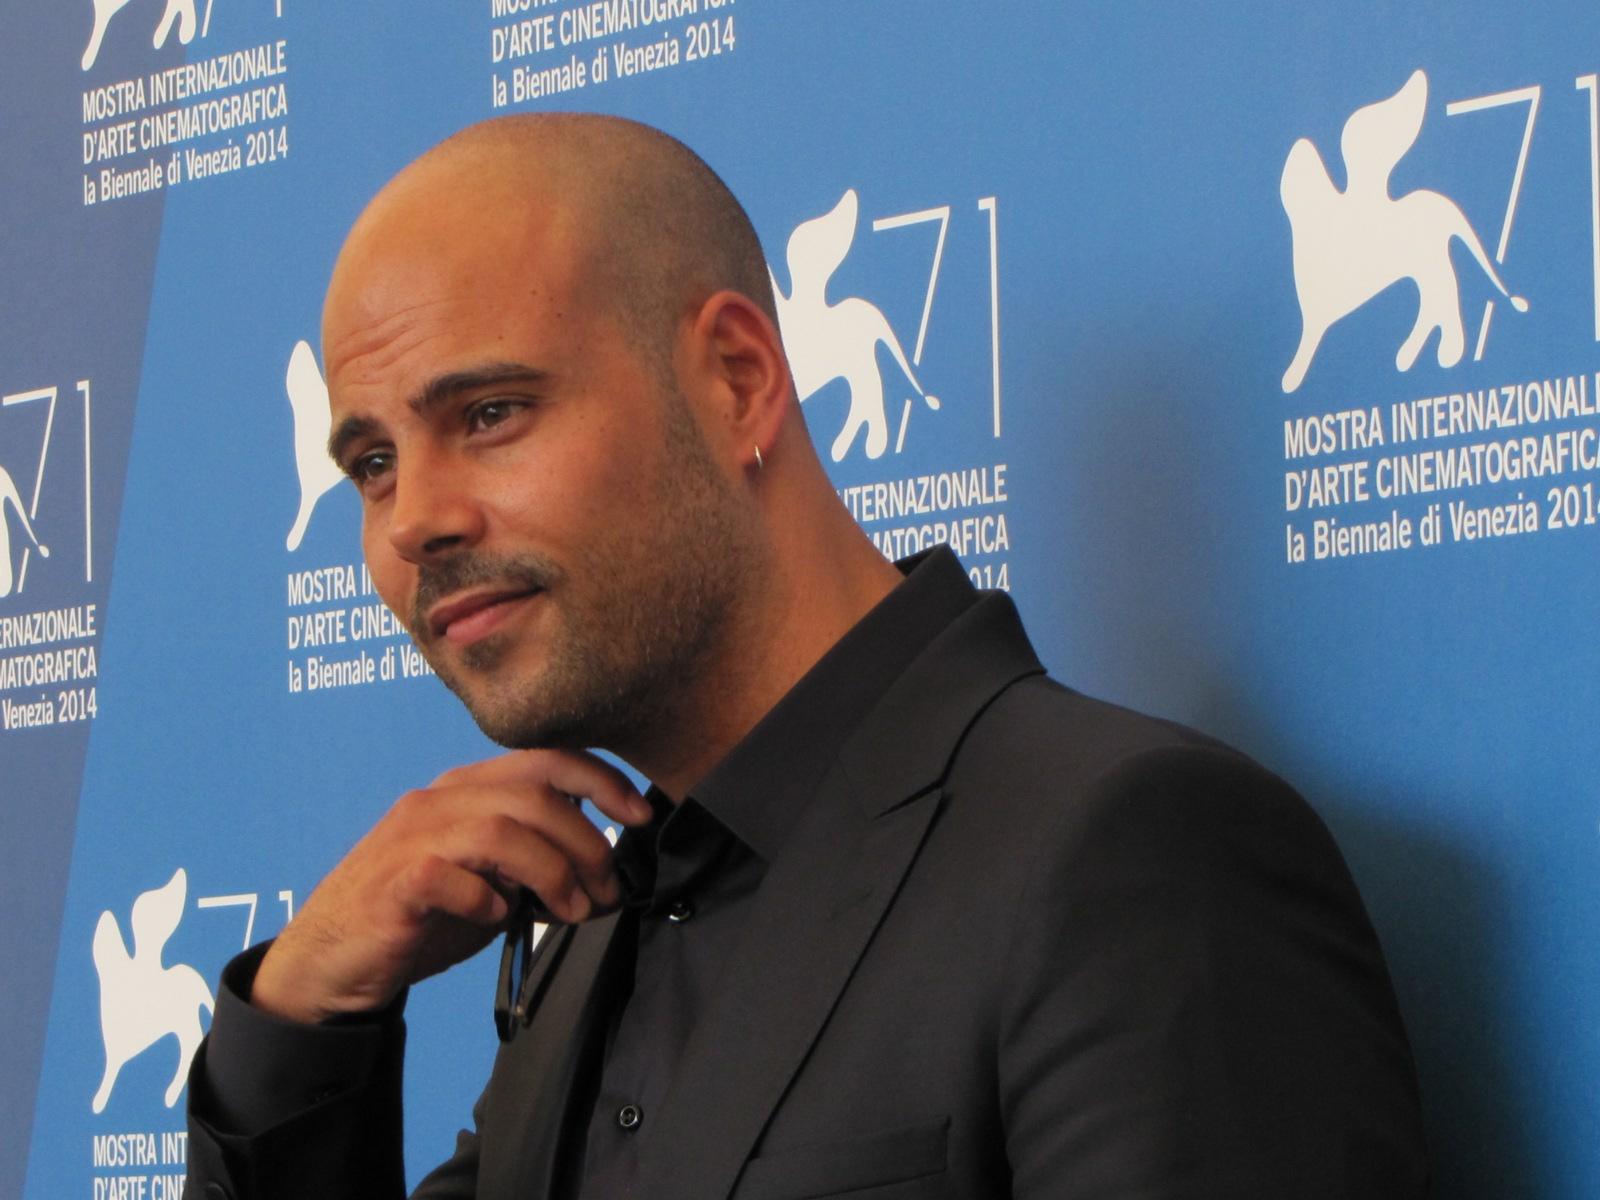 'Perez' a Venezia 2014 - Marco D'amore presenta il film